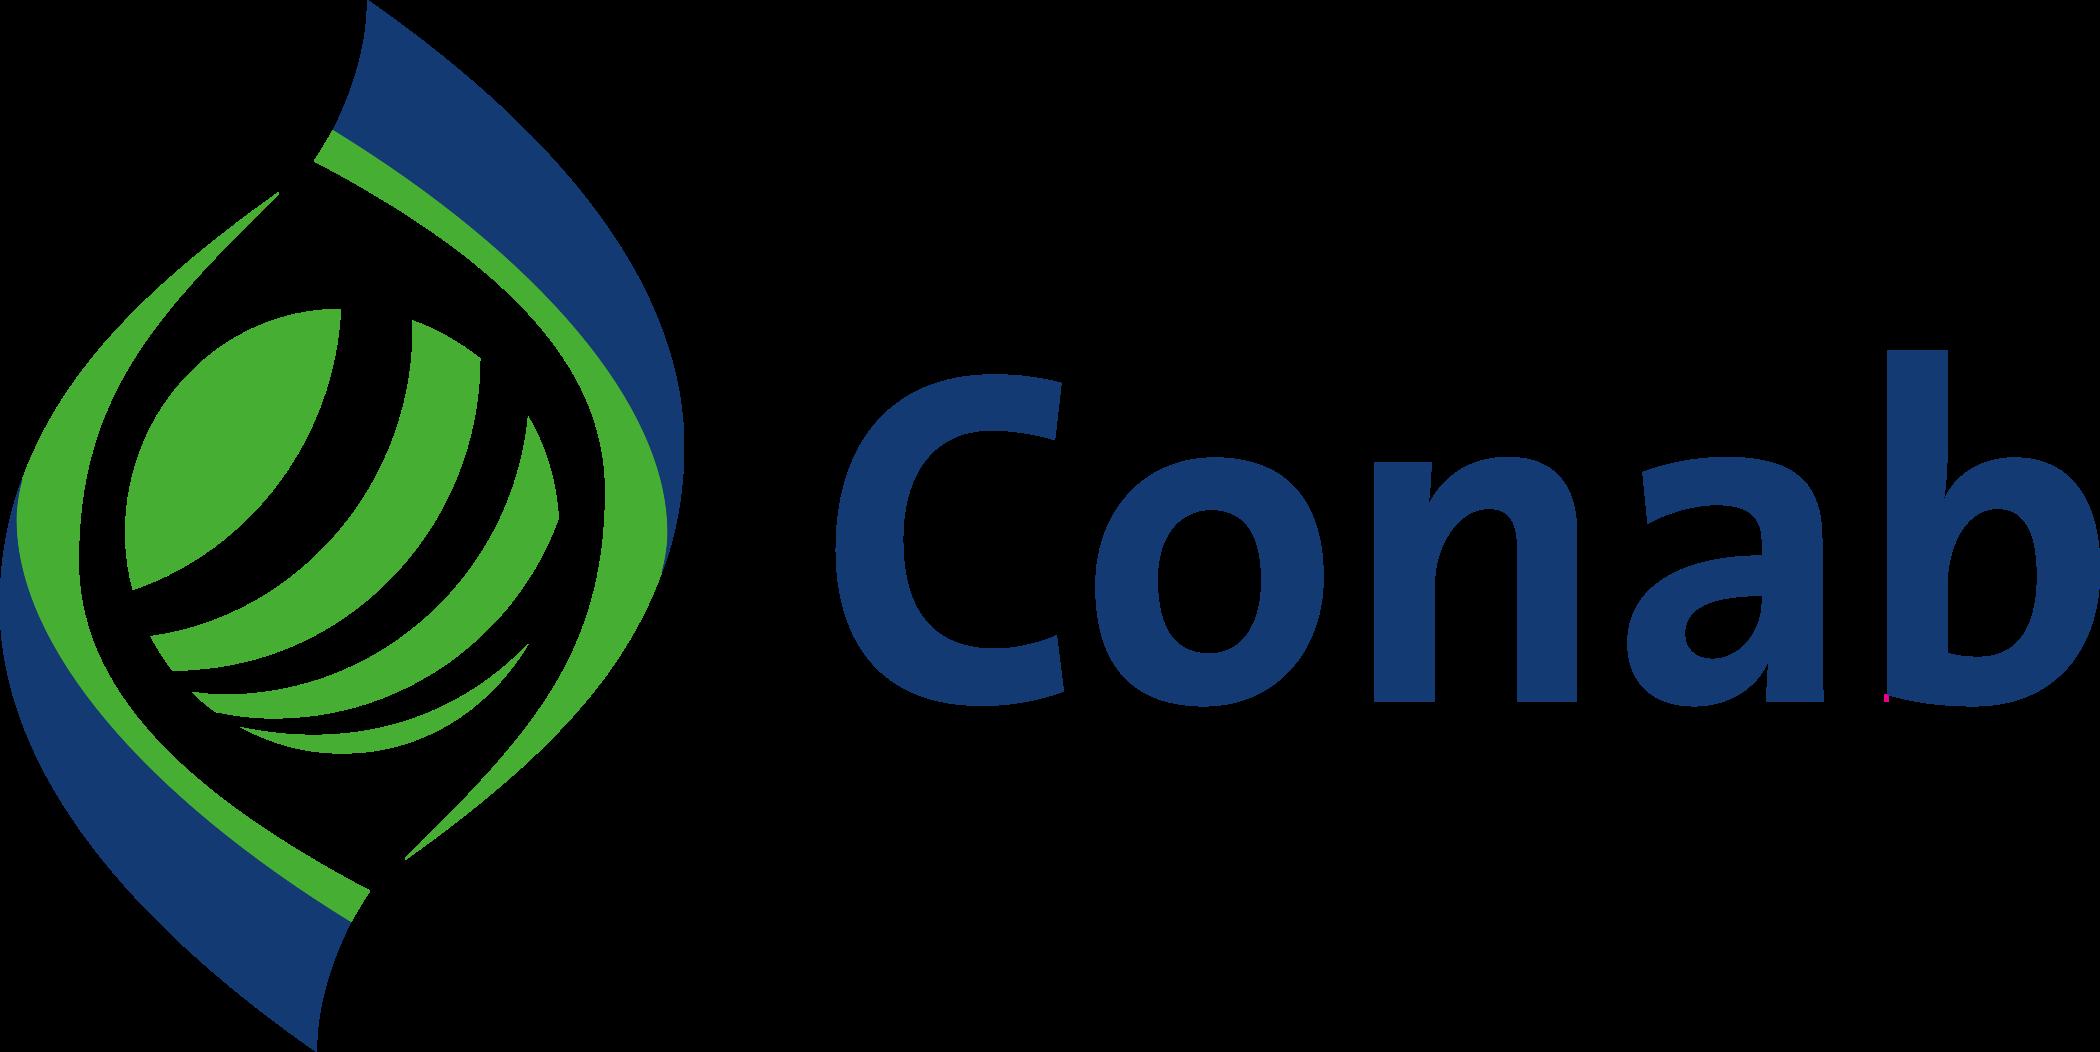 conab logo 2 - Conab Logo - Companhia Nacional de Abastecimento Logo